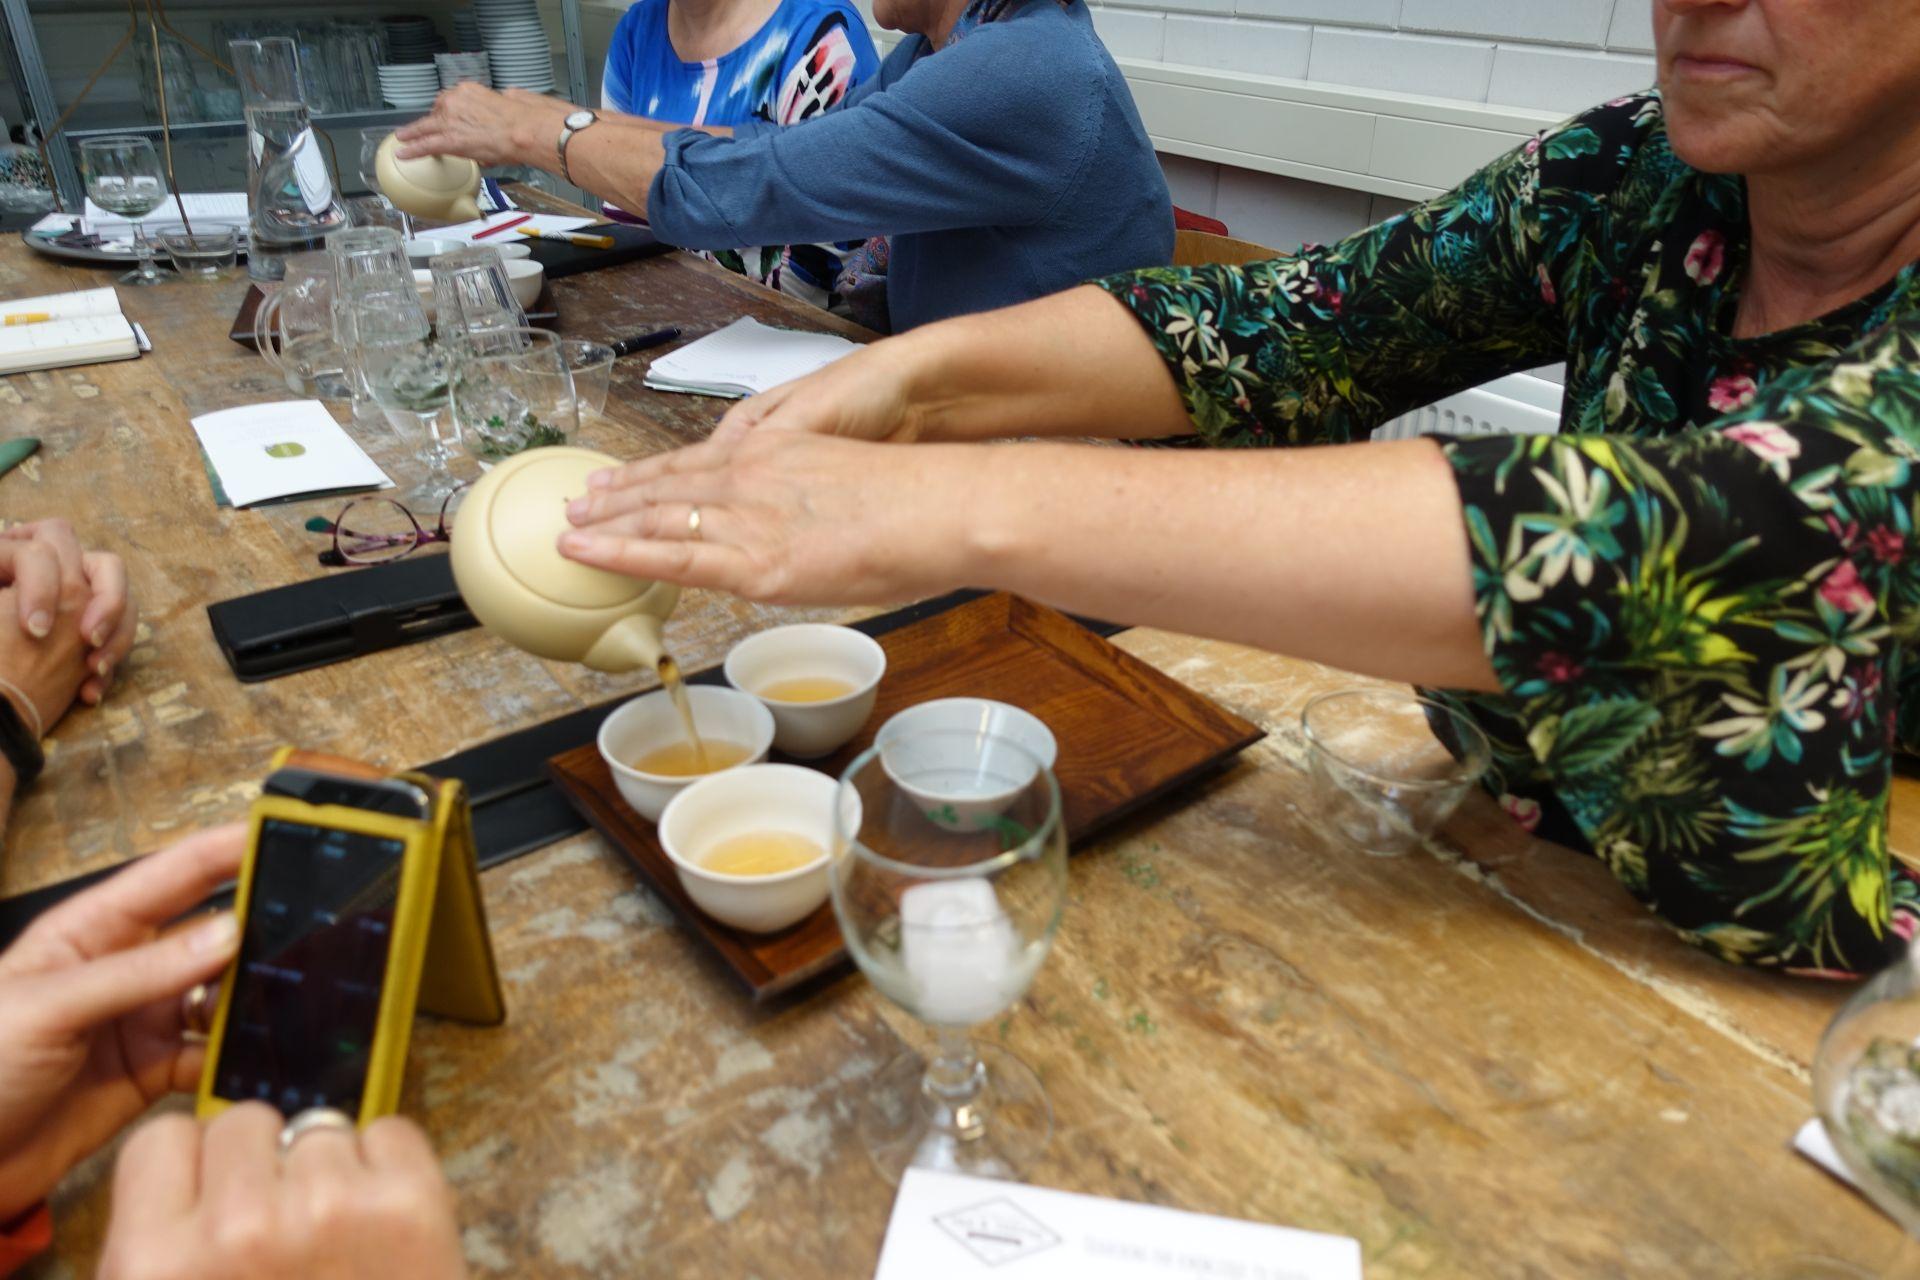 日本茶セミナー in ハーグ(オランダ)ITC一日目|日本茶普及海外ツアー・欧州遠征2018